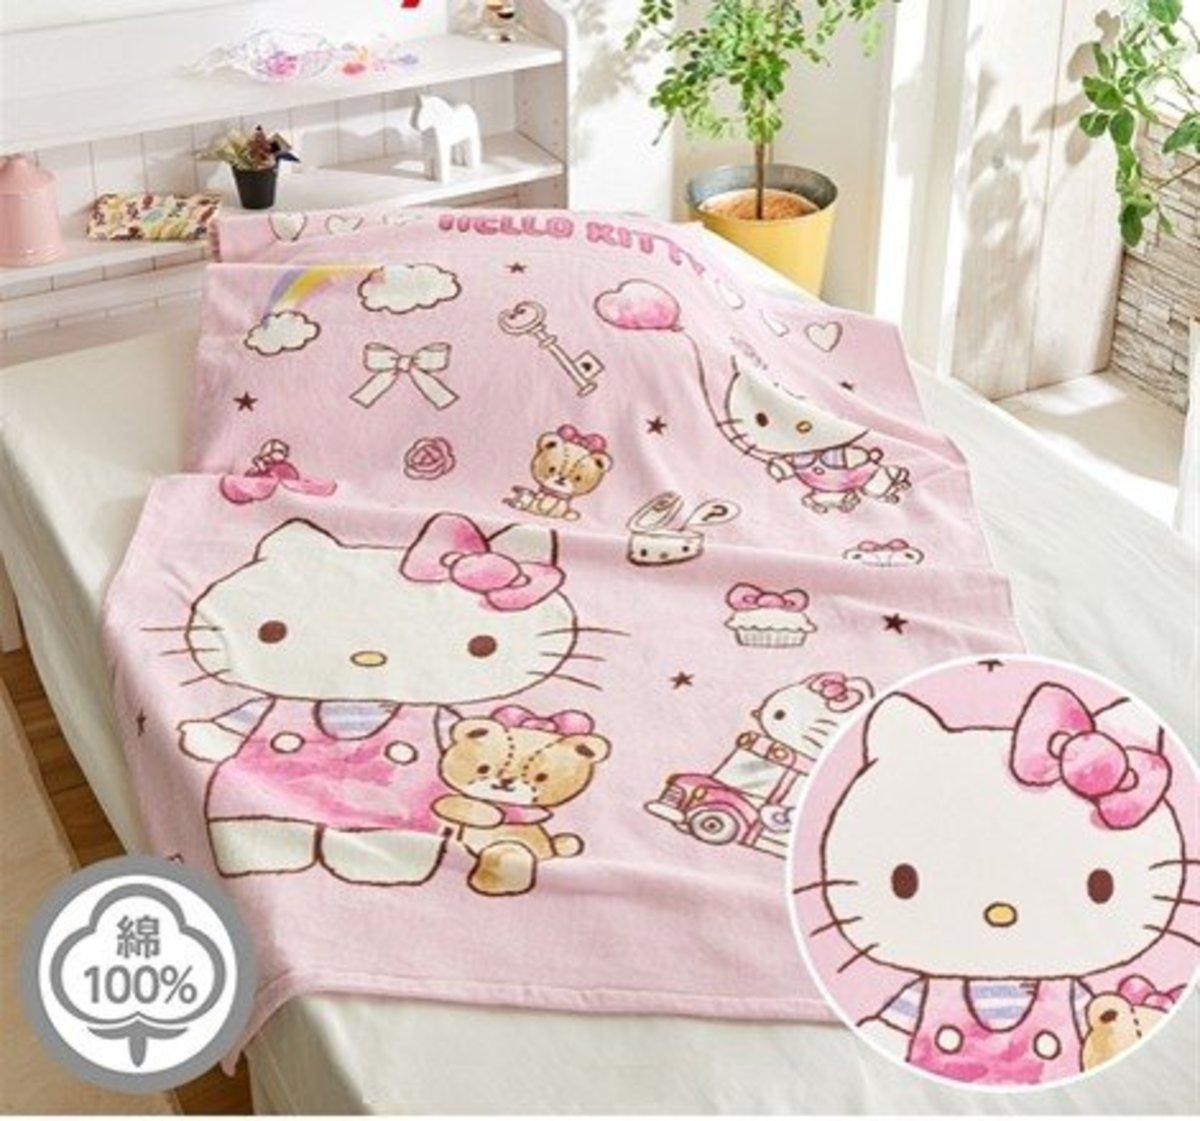 Plush blanket blanket